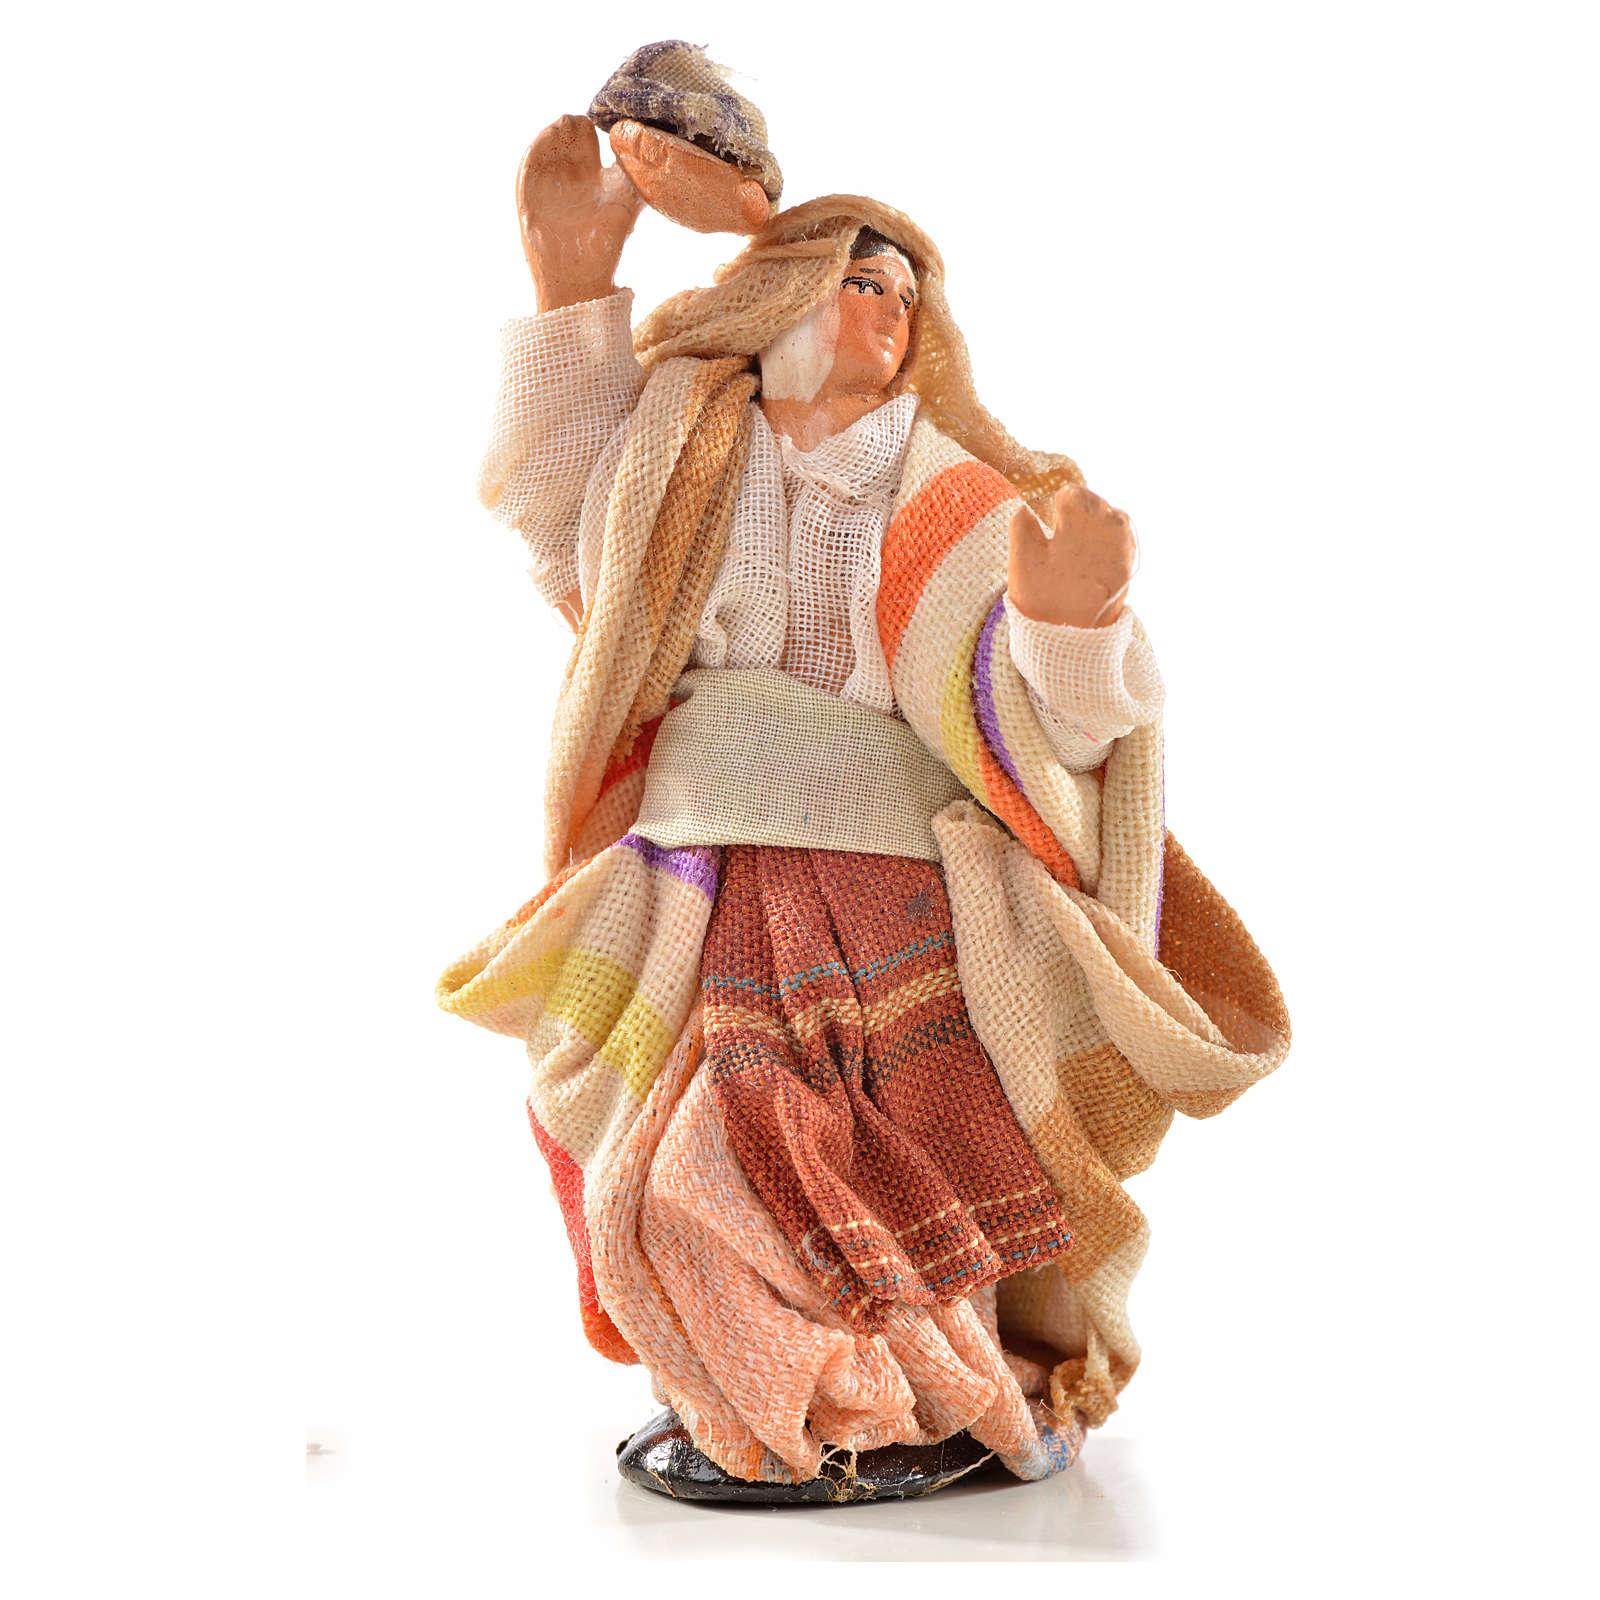 Donna panni in testa 6 cm presepe Napoli stile arabo 4